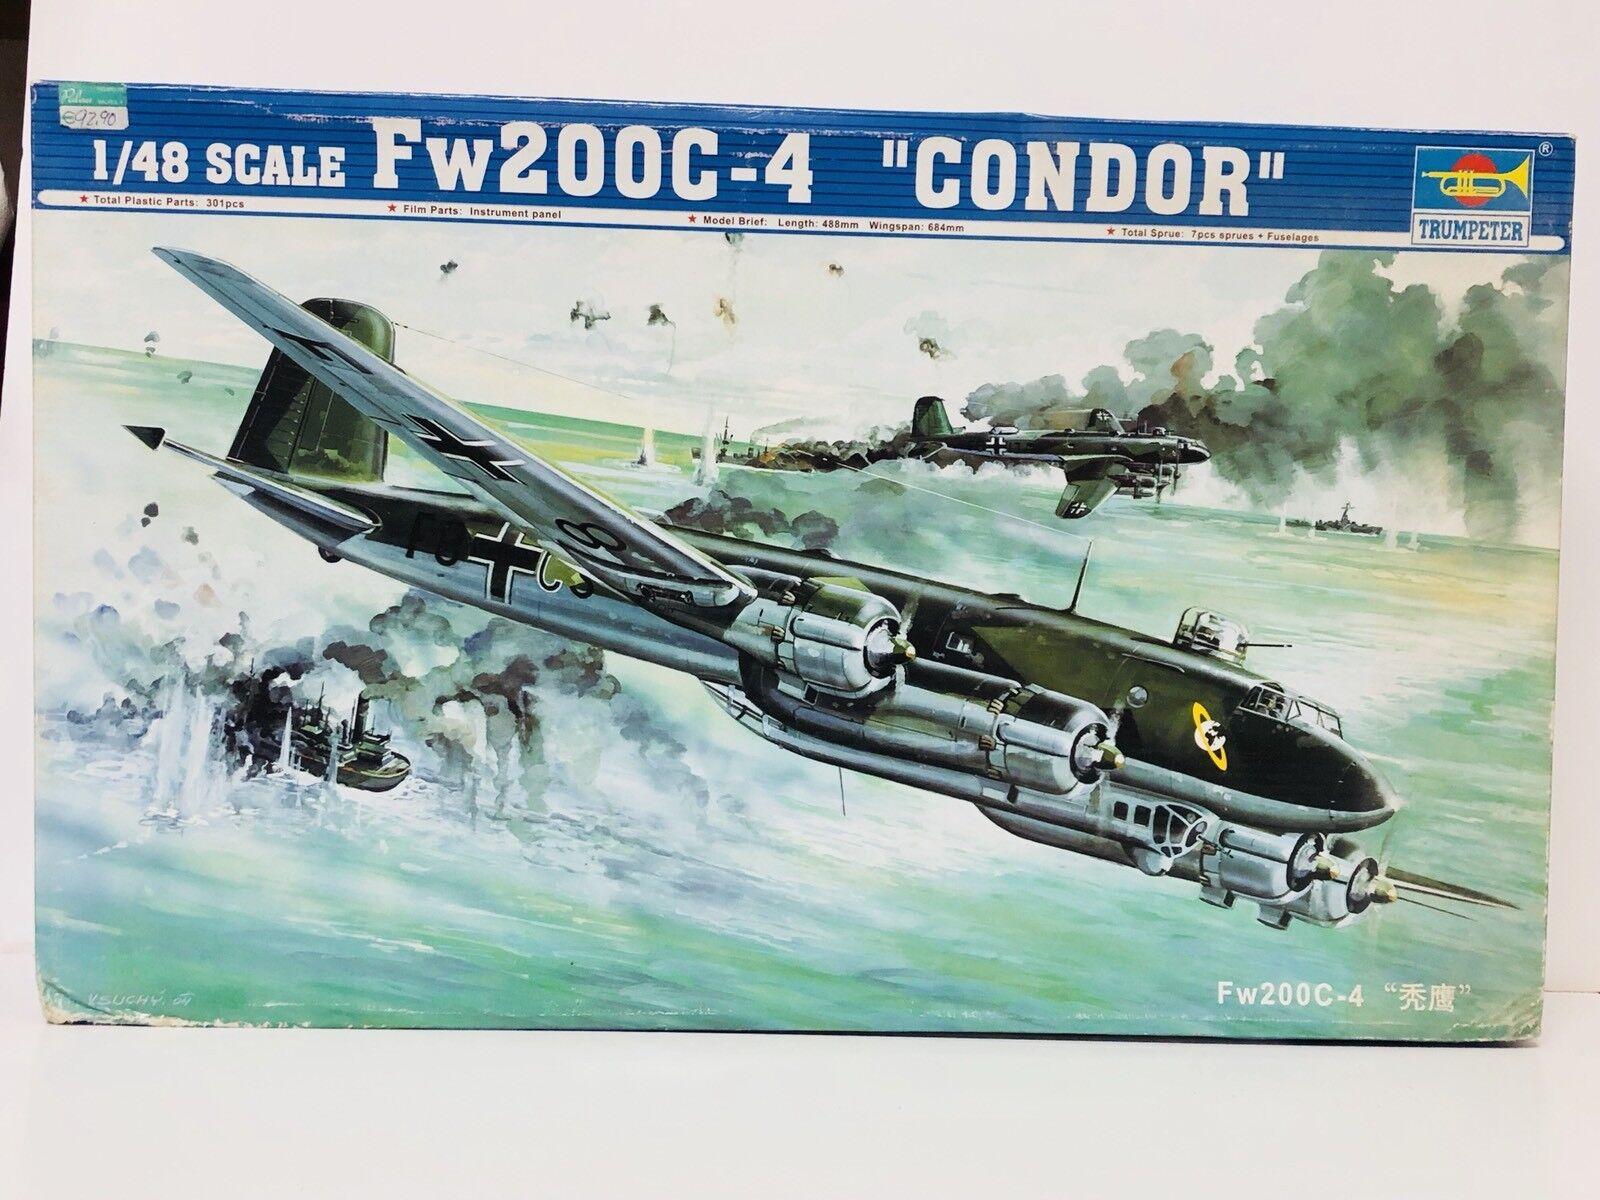 Maqueta TRUMPETER Ref 02814 FW200C-4 CONDOR 1/48